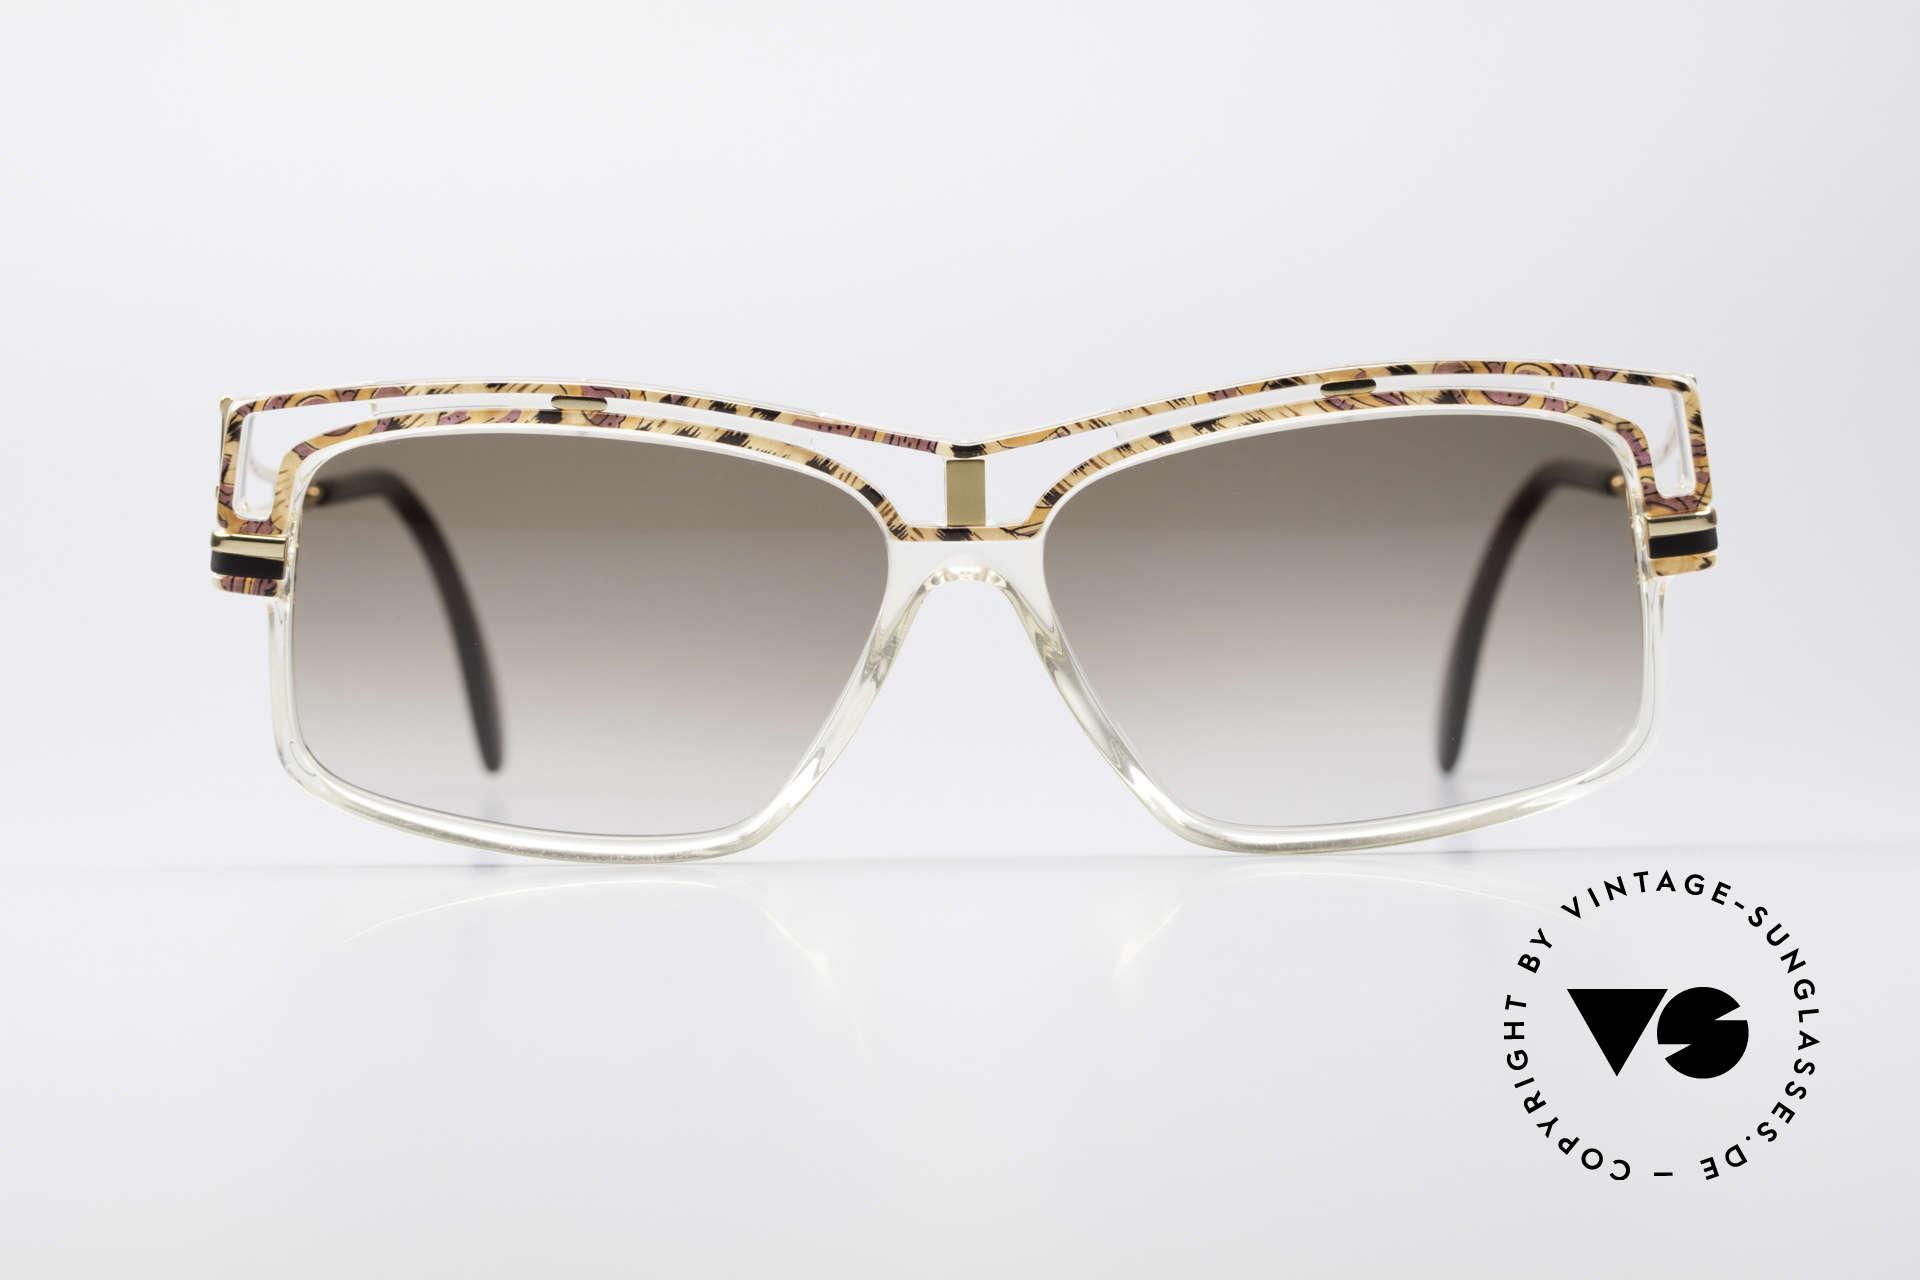 Cazal 365 Vintage No Retro Sonnenbrille, geniale Kombination v. Farben, Form & Materialien, Passend für Herren und Damen